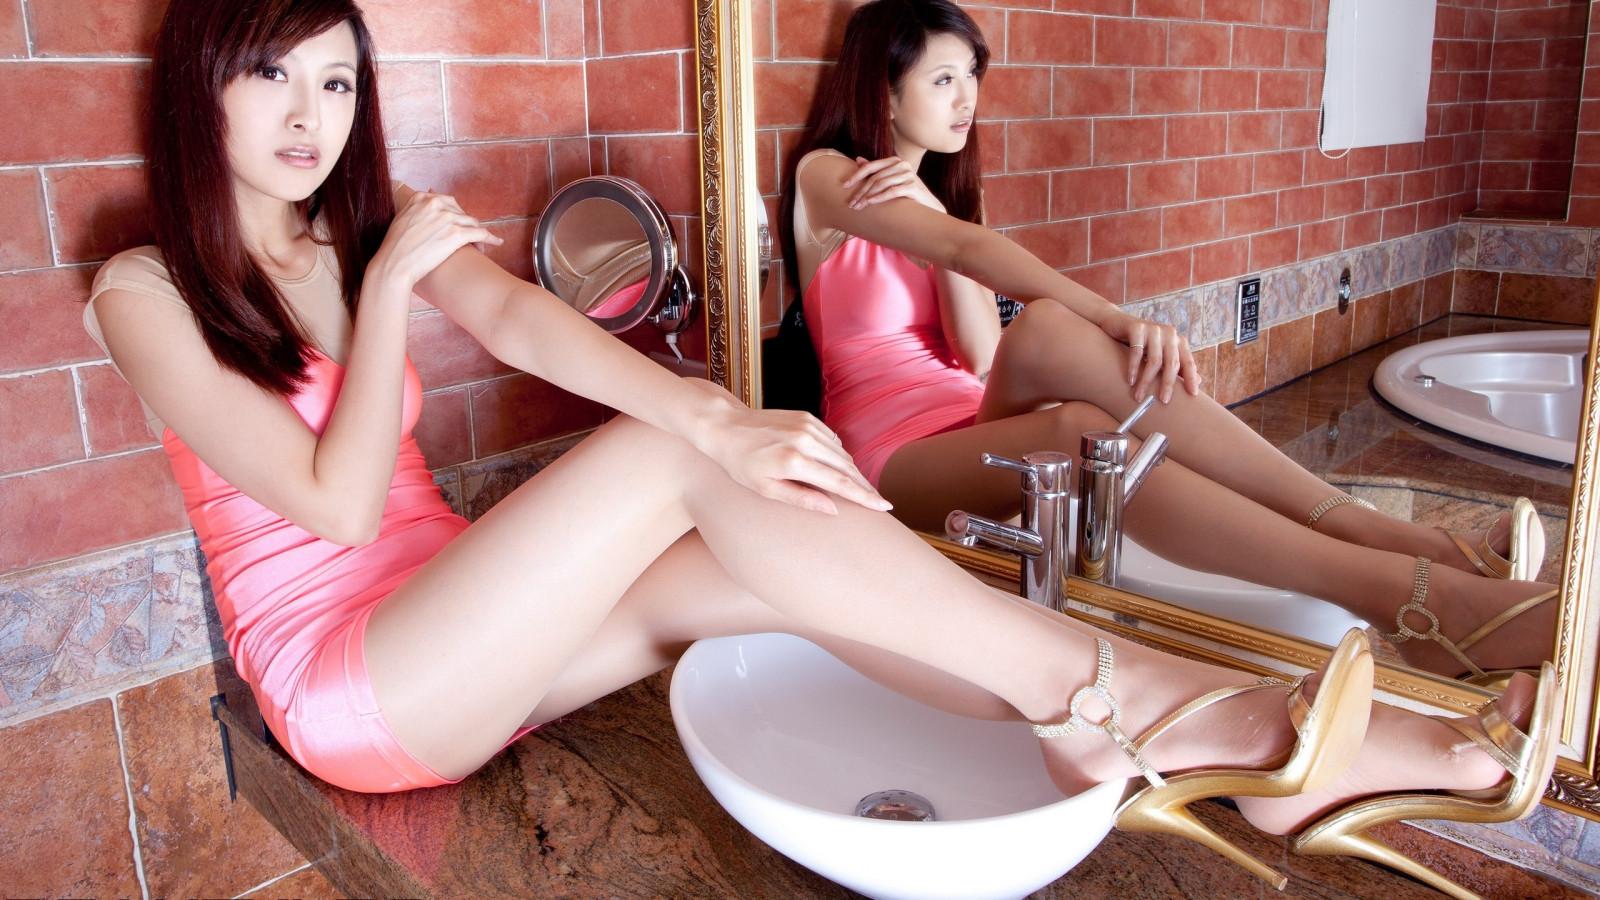 японочки показывают ножки фото высокого качества думая